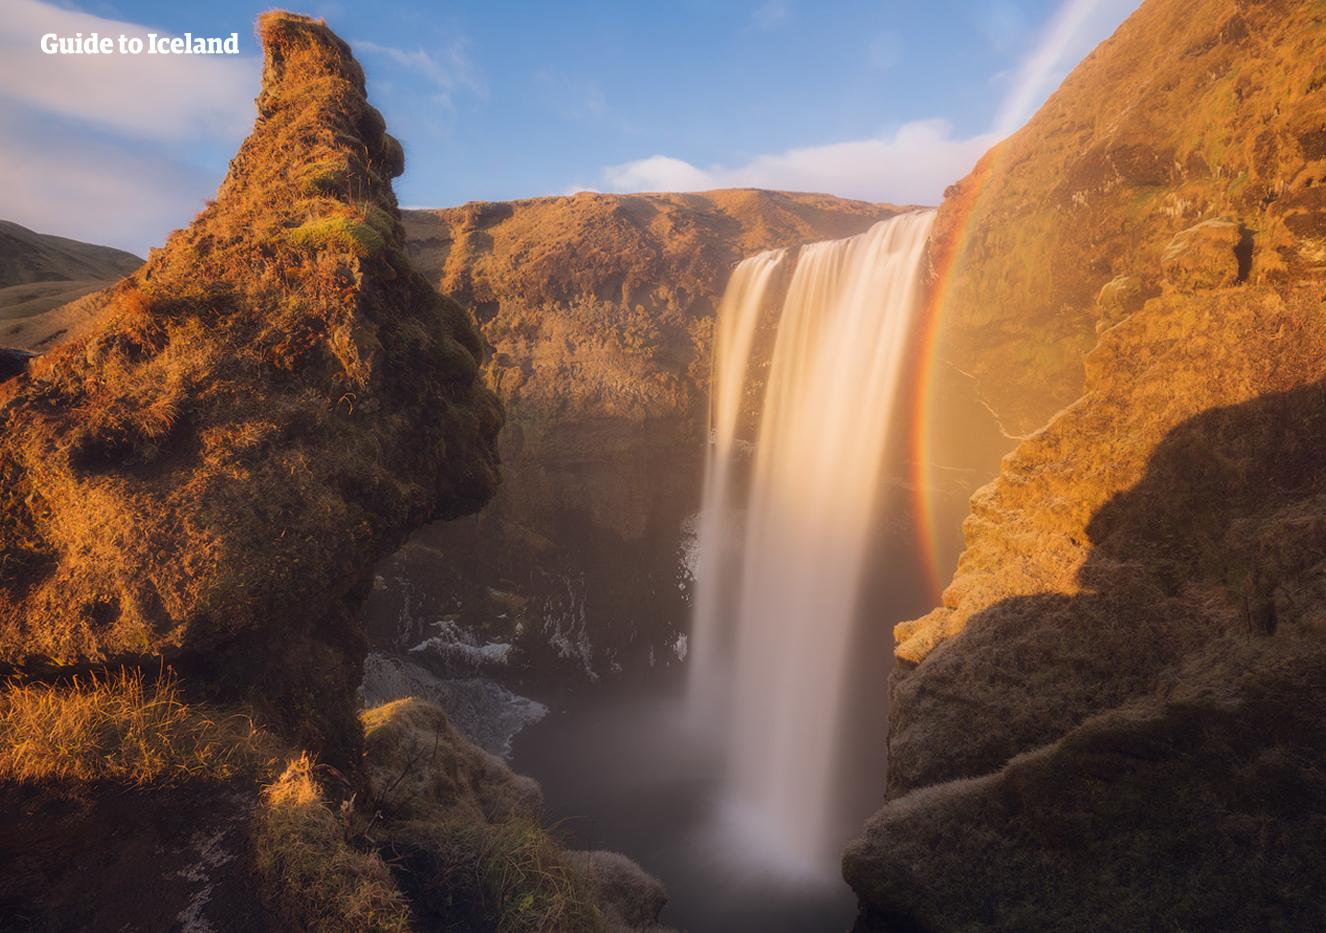 Autotour été de 4 jours | Escapade dans le Sud-Ouest de l'Islande - day 3